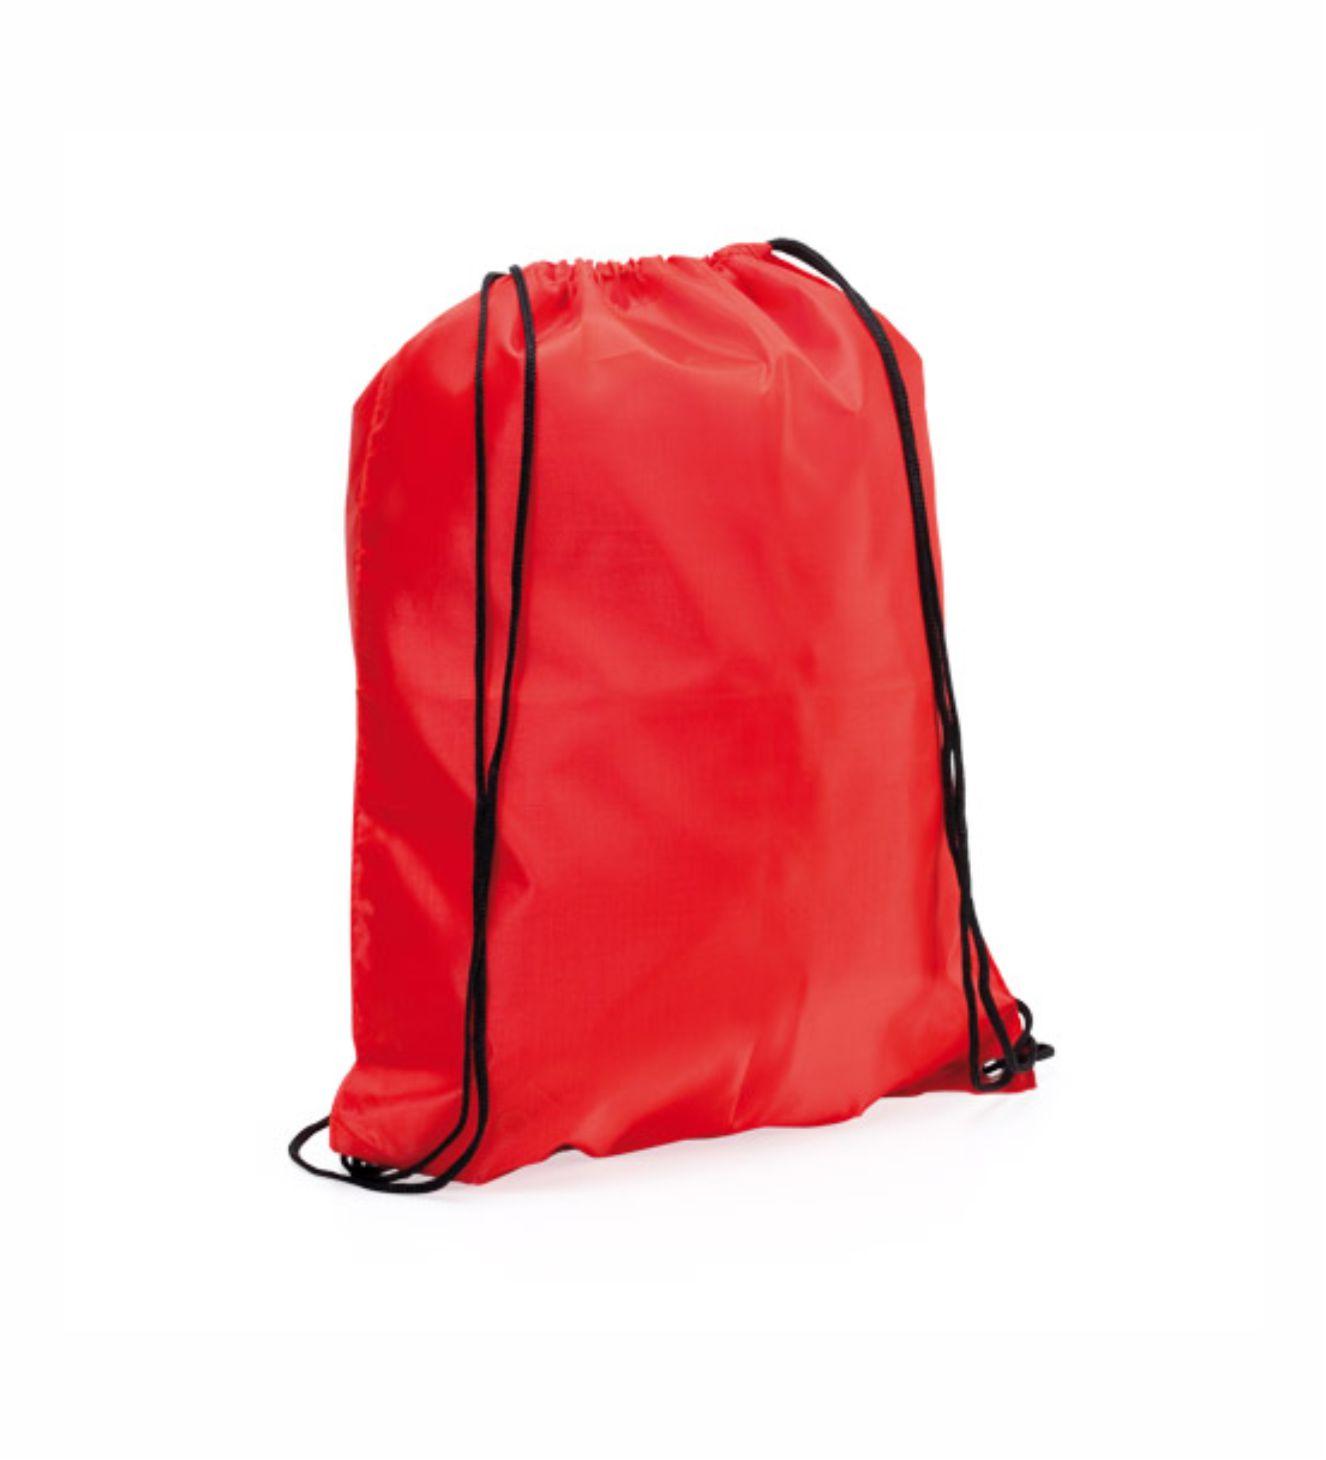 Mochilas Promocionales Roja. Regalos de Empresa